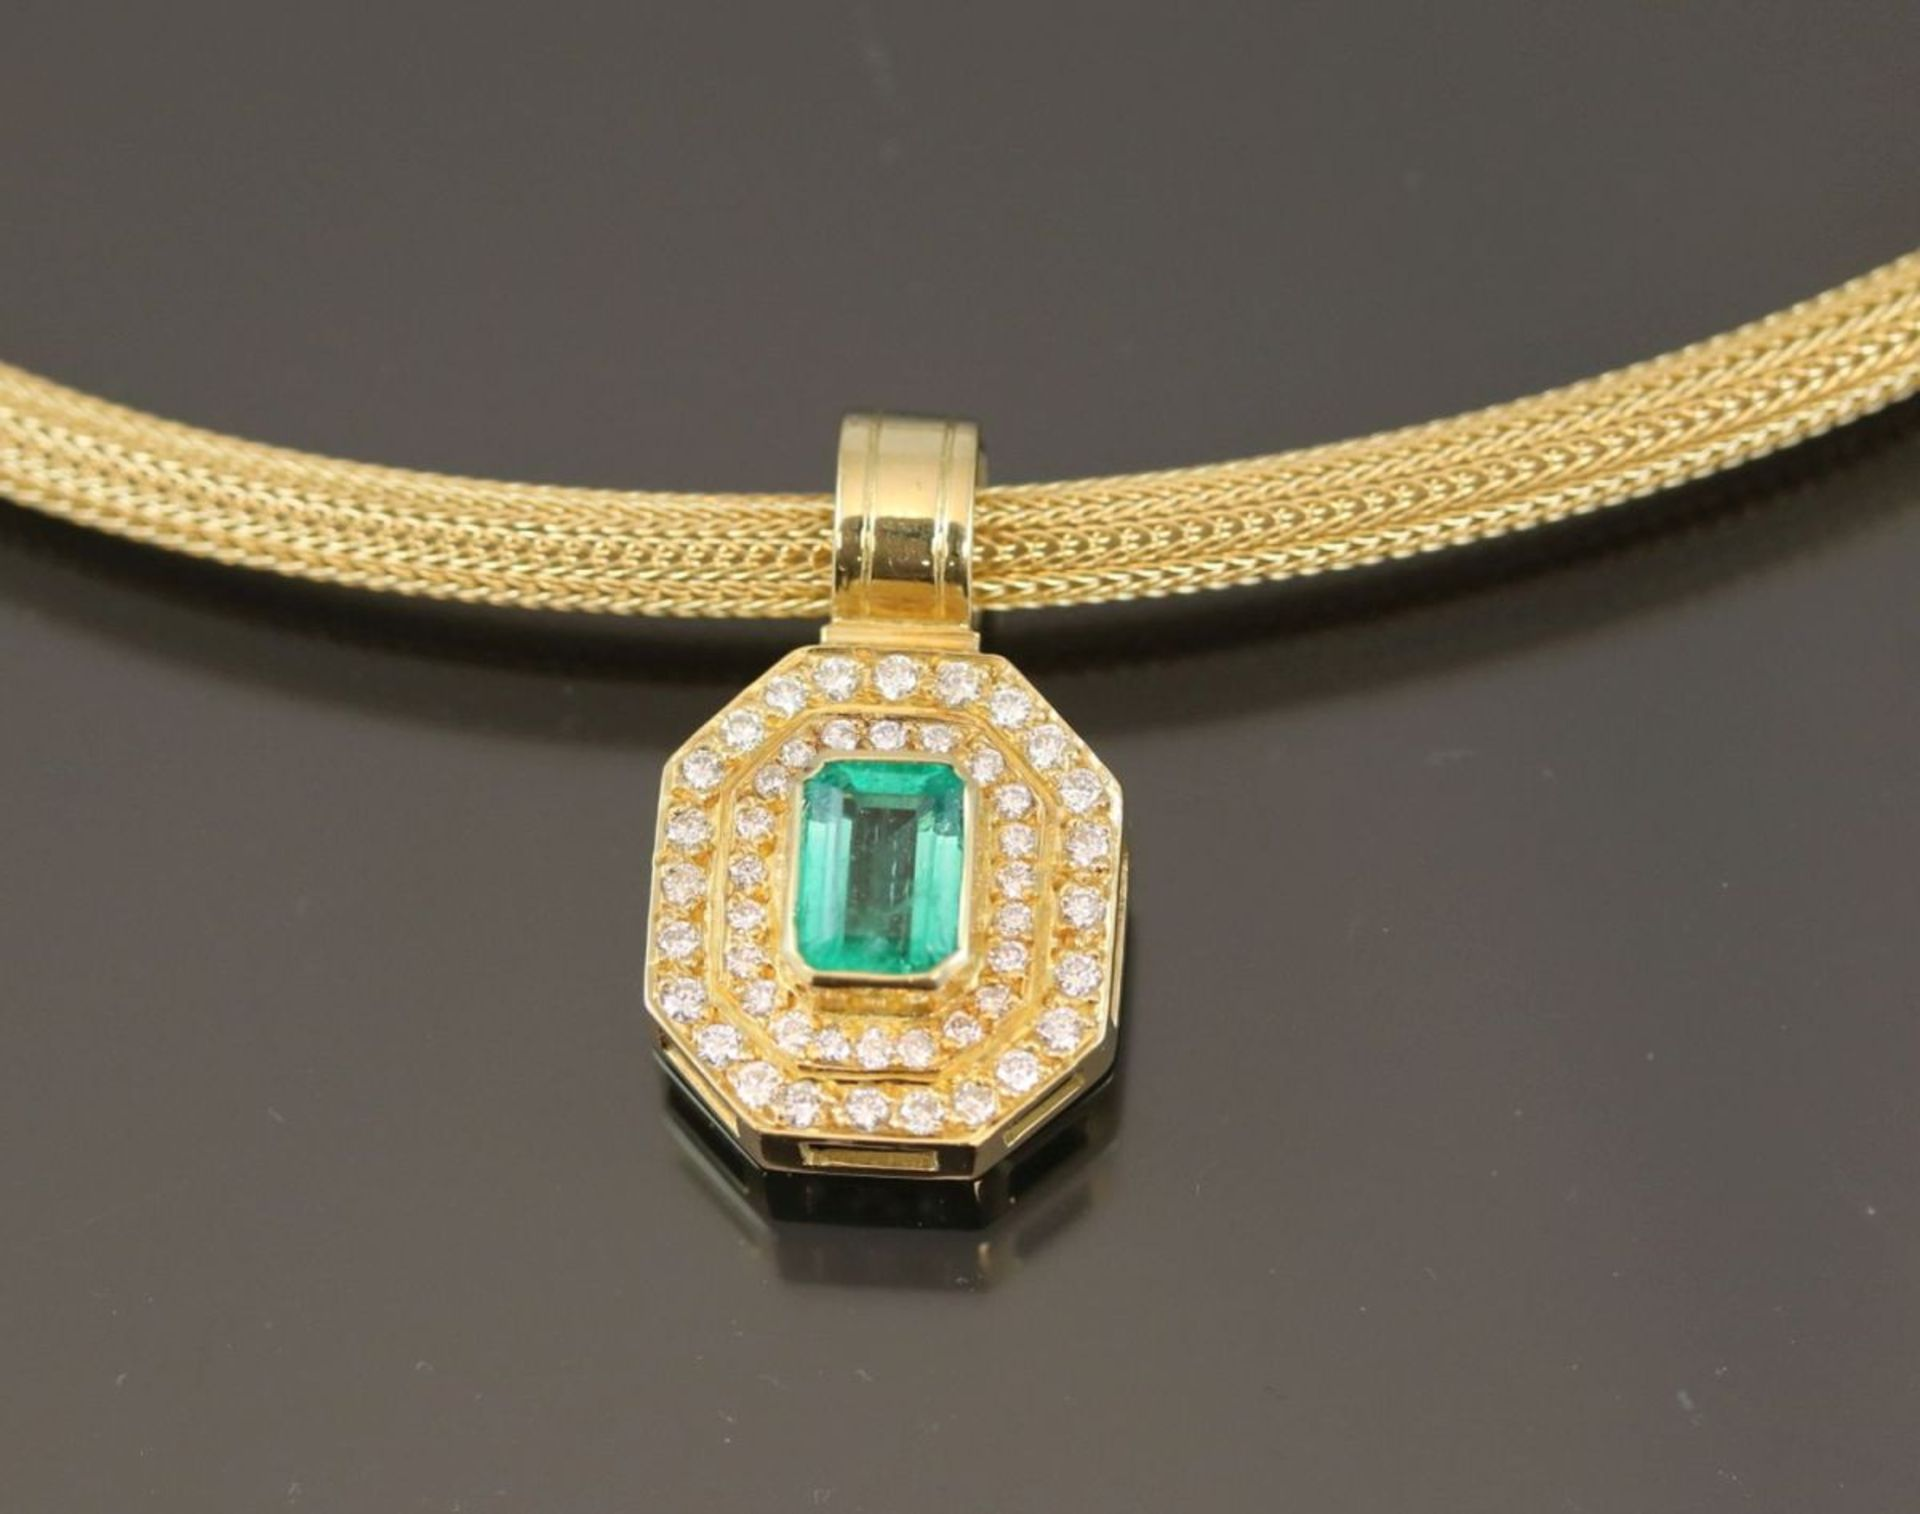 Smaragd-Brillant-Set, 750 Gelbgold34,9 Gramm Brillanten, 1,14 ct., tw/vvsi. Set besteht aus einem - Bild 5 aus 7